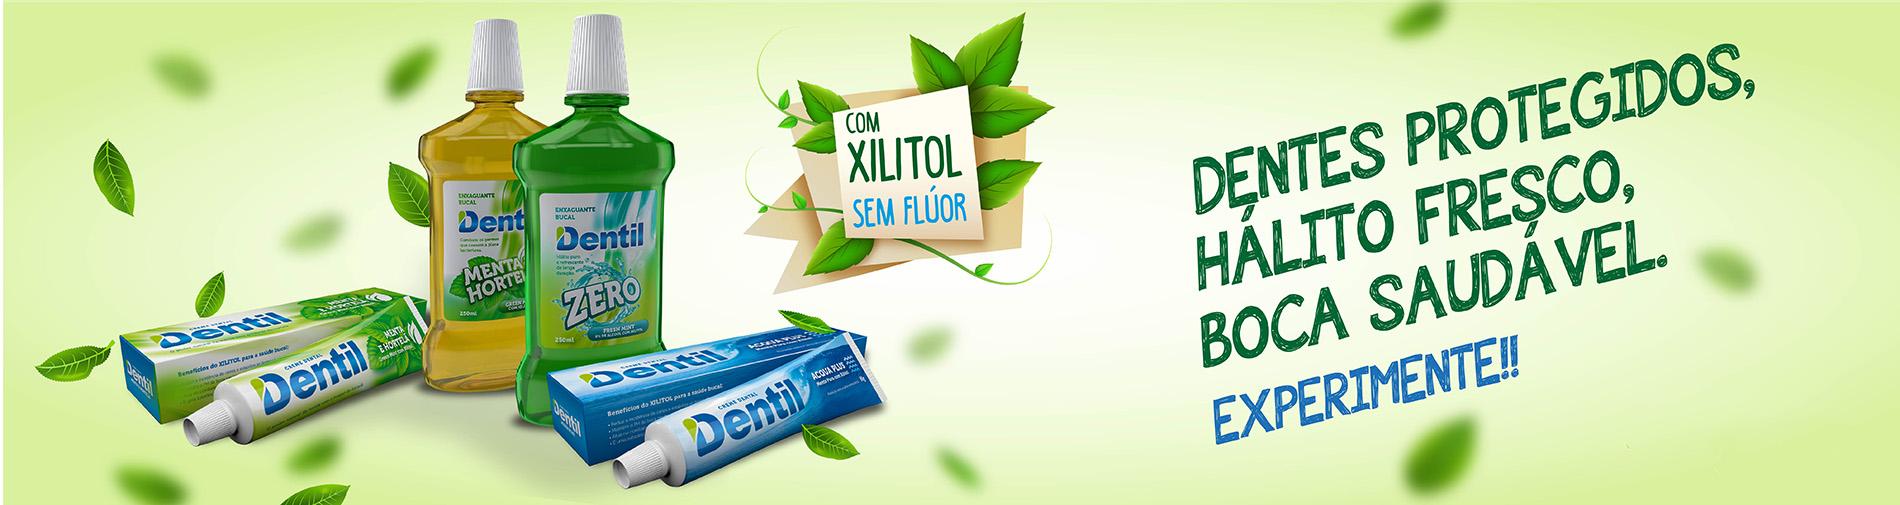 Produtos com Xilitol